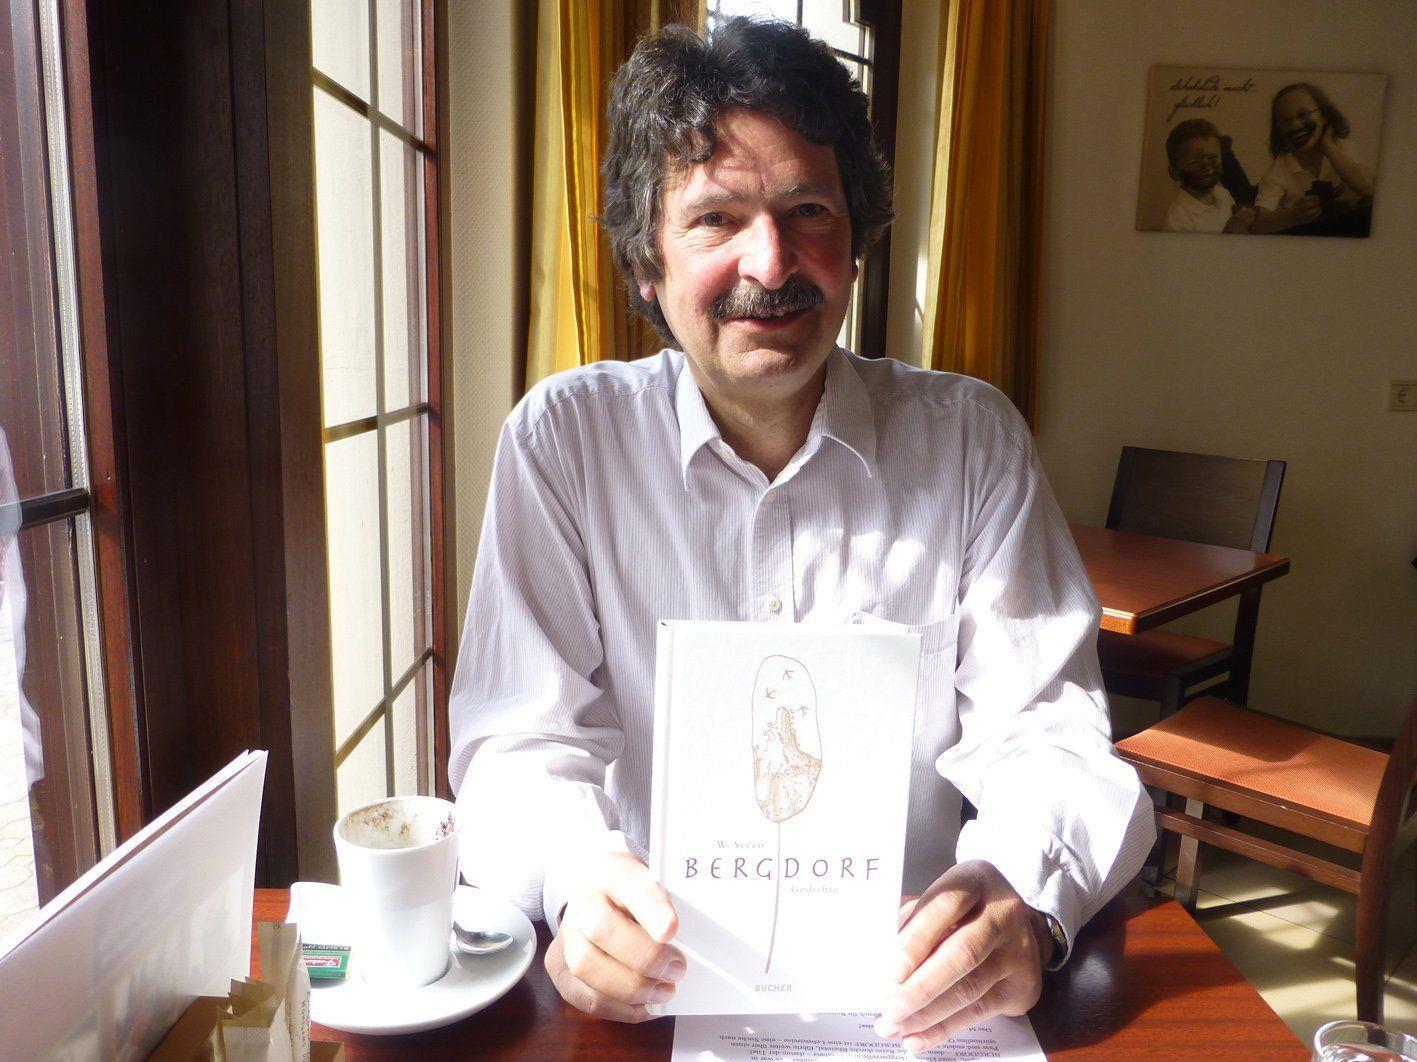 """Der Kinderbuchautor Wolfram """"Secco"""" Wehinger stellte seinen ersten Gedichtband """"Bergdorf"""" vor."""